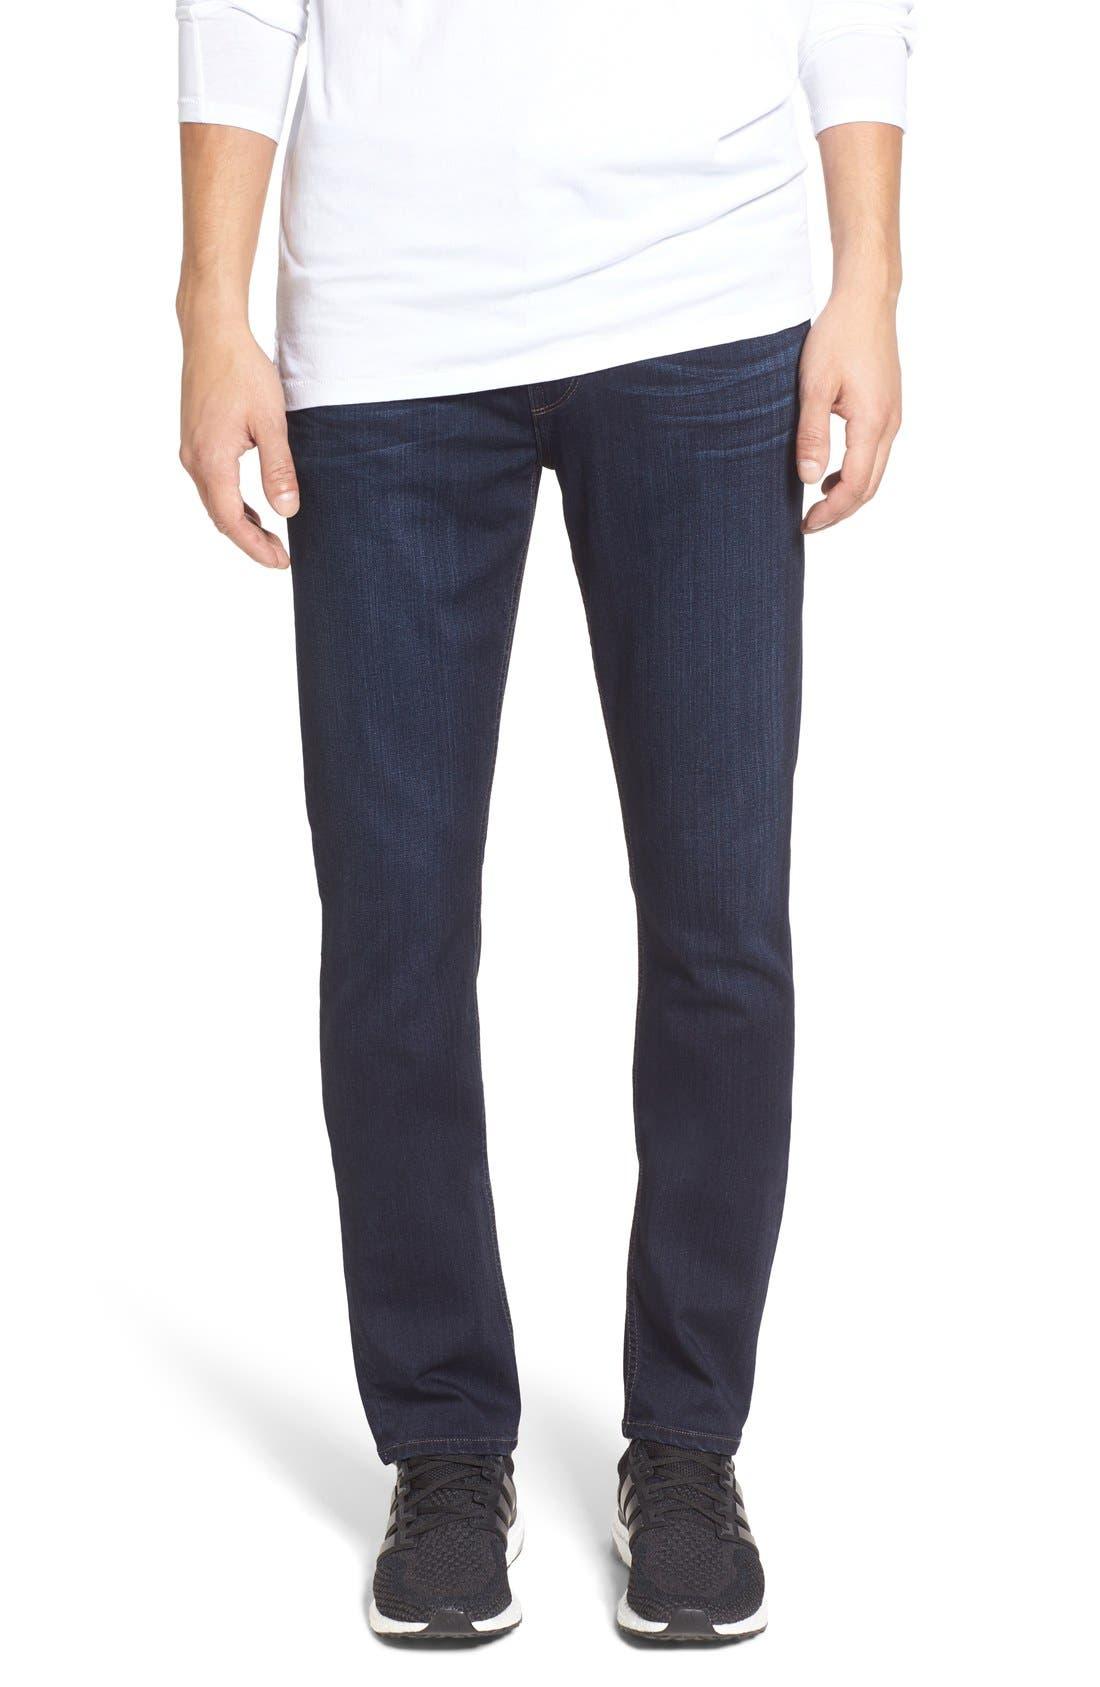 PAIGE Transcend – Lennox Slim Fit Jeans (Russ Blue)